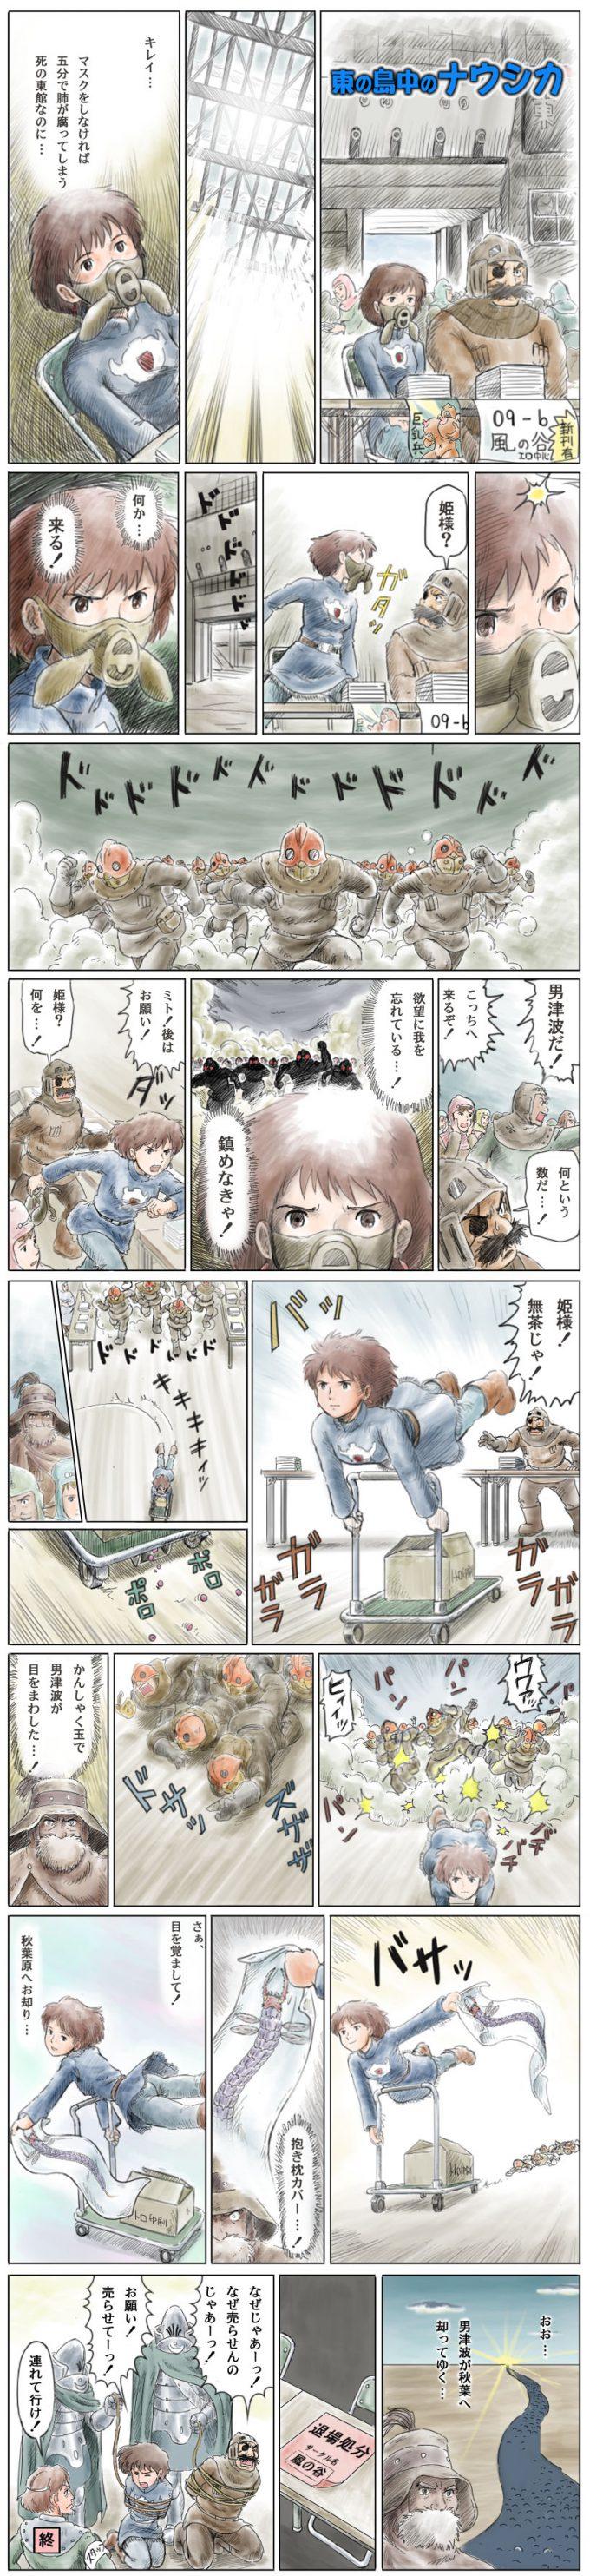 コミケのオタクたちを『風の谷のナウシカ』のキャラたちで描いたパロディ漫画がおもしろい(笑)